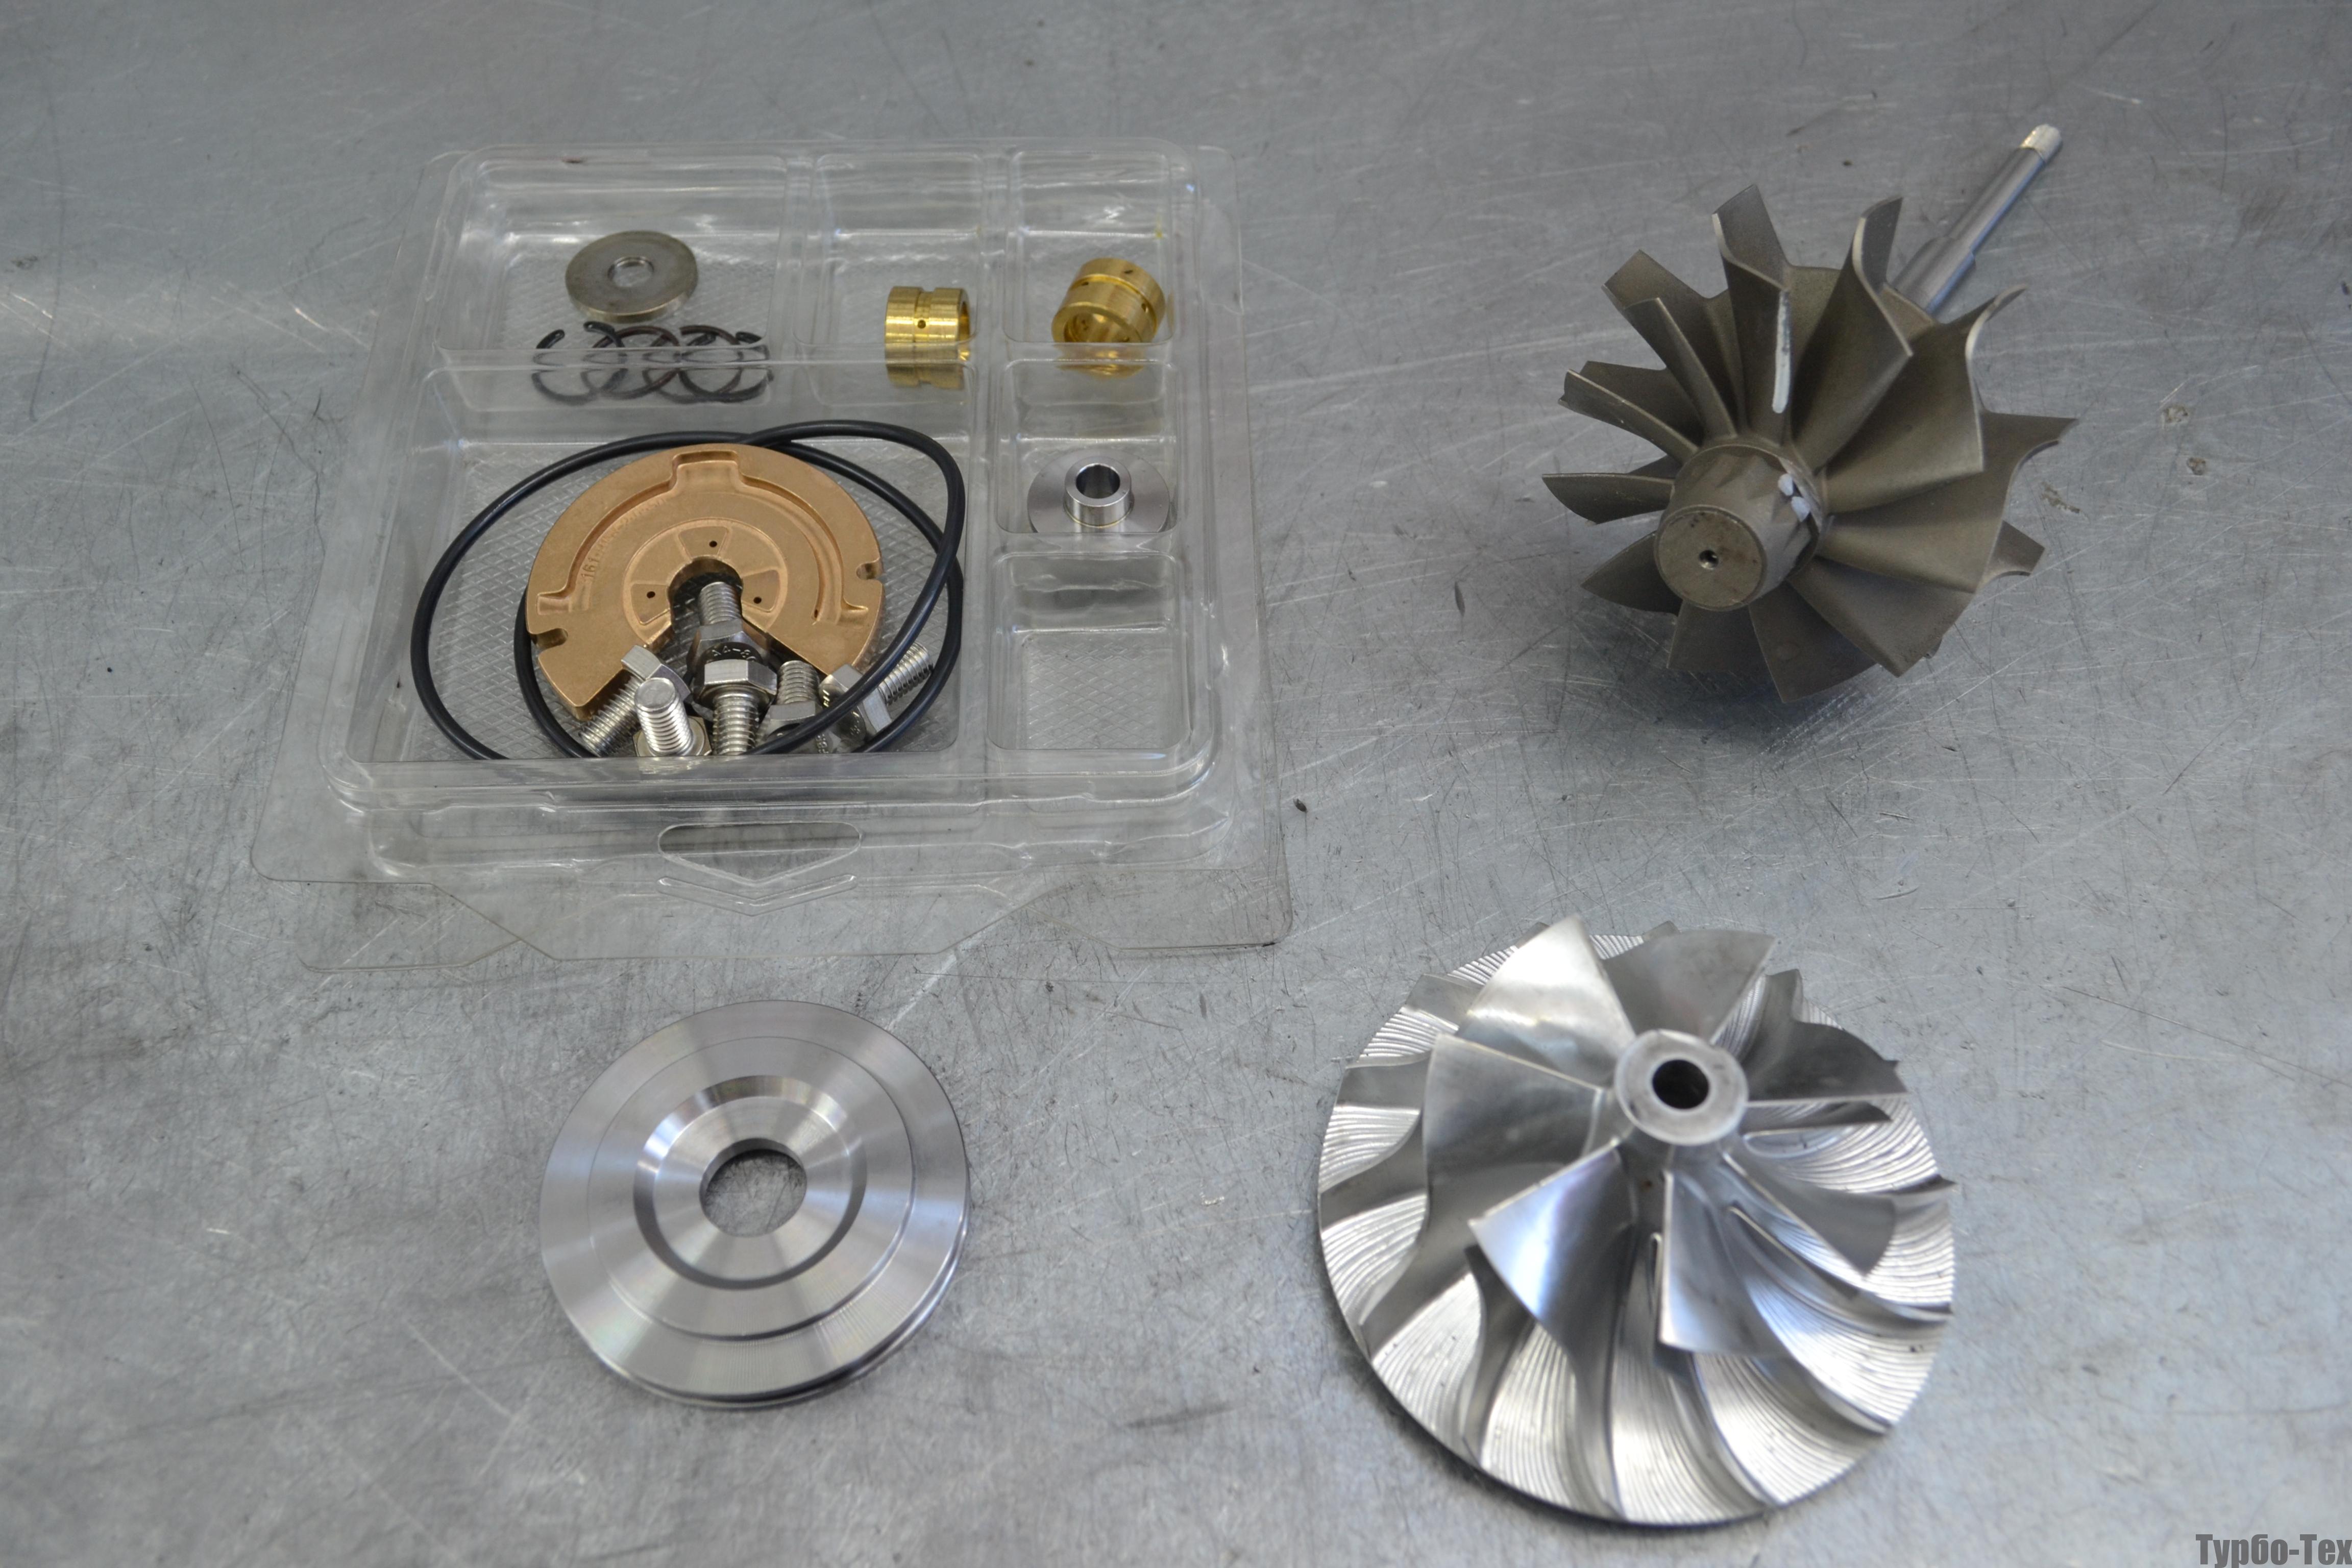 MAN TGA, ман тга, ремонт турбины, 5331-971-6910